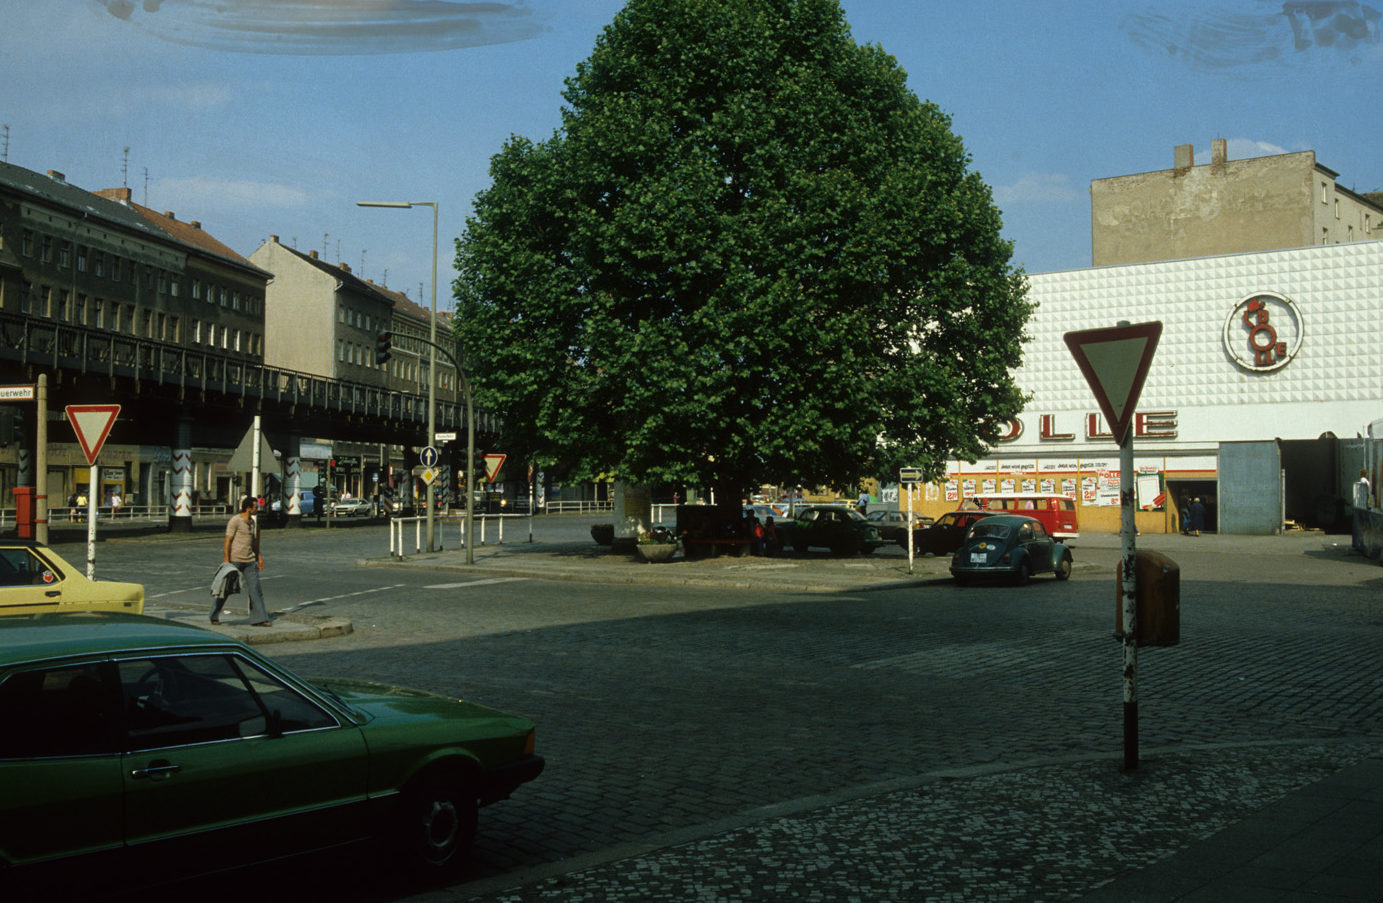 Kreuzberg in den 1980er-Jahren: Der Bolle an der Ecke Skalitzer Straße und Wiener Straße, um 1981. Foto: Kostas Kouvelis/FHXB Friedrichshain-Kreuzberg Museum/CC BY 4.0